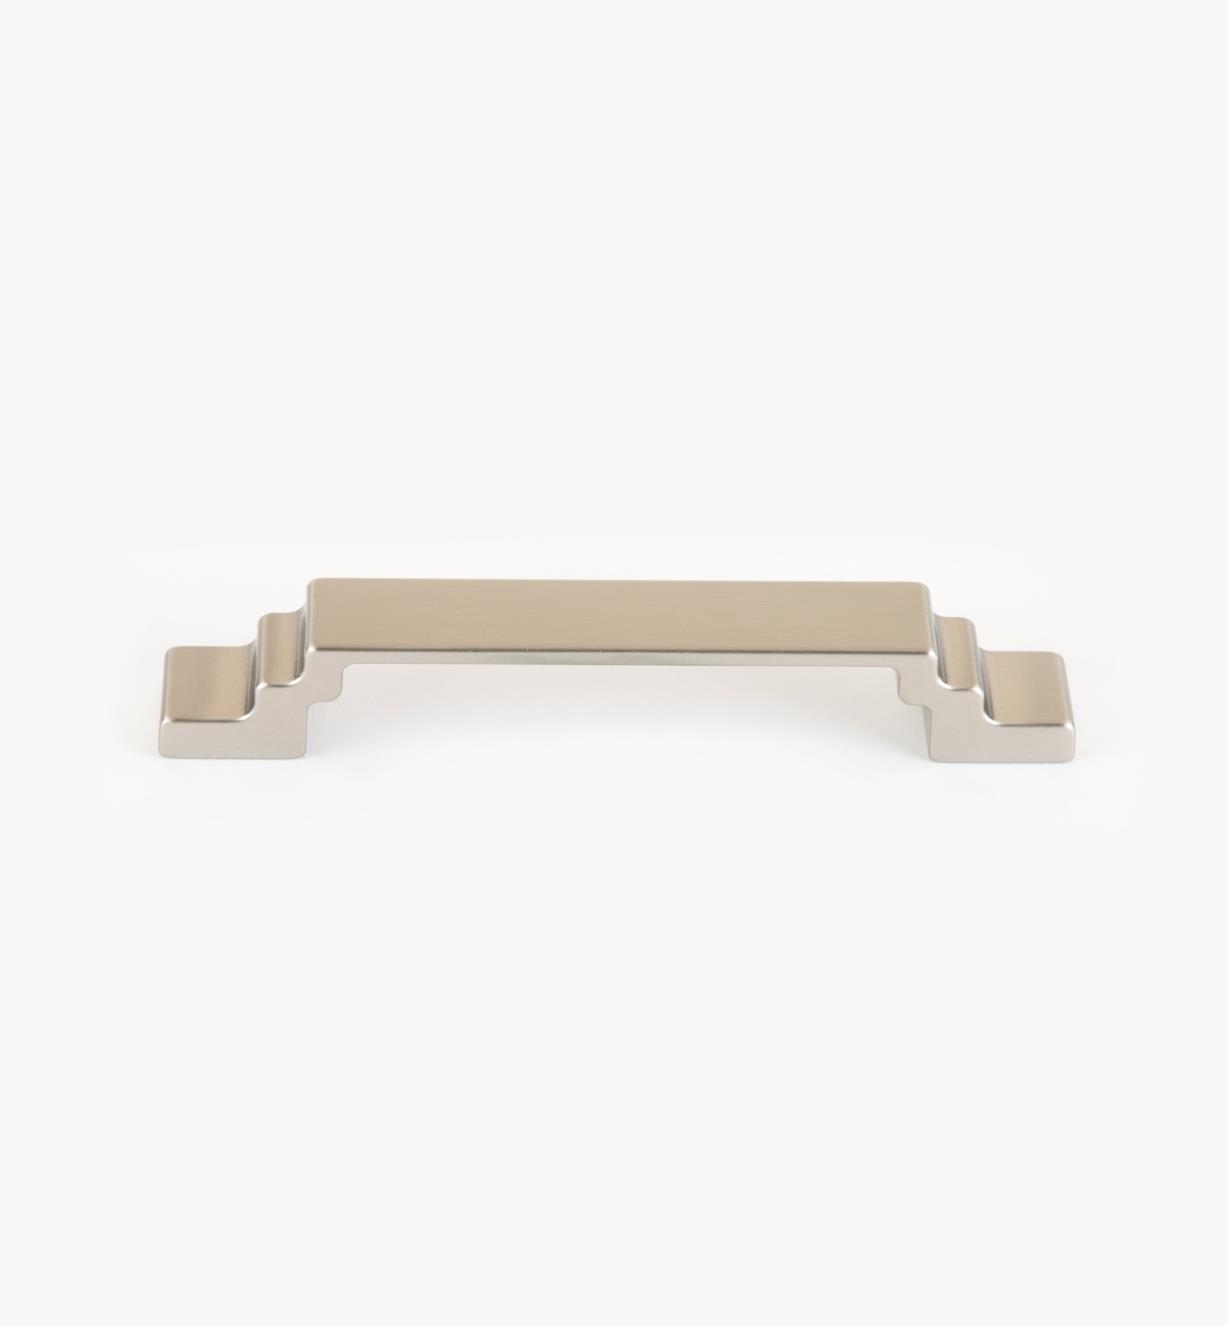 00W5590 - Poignée Scala, nickel satiné, 128mm, l'unité